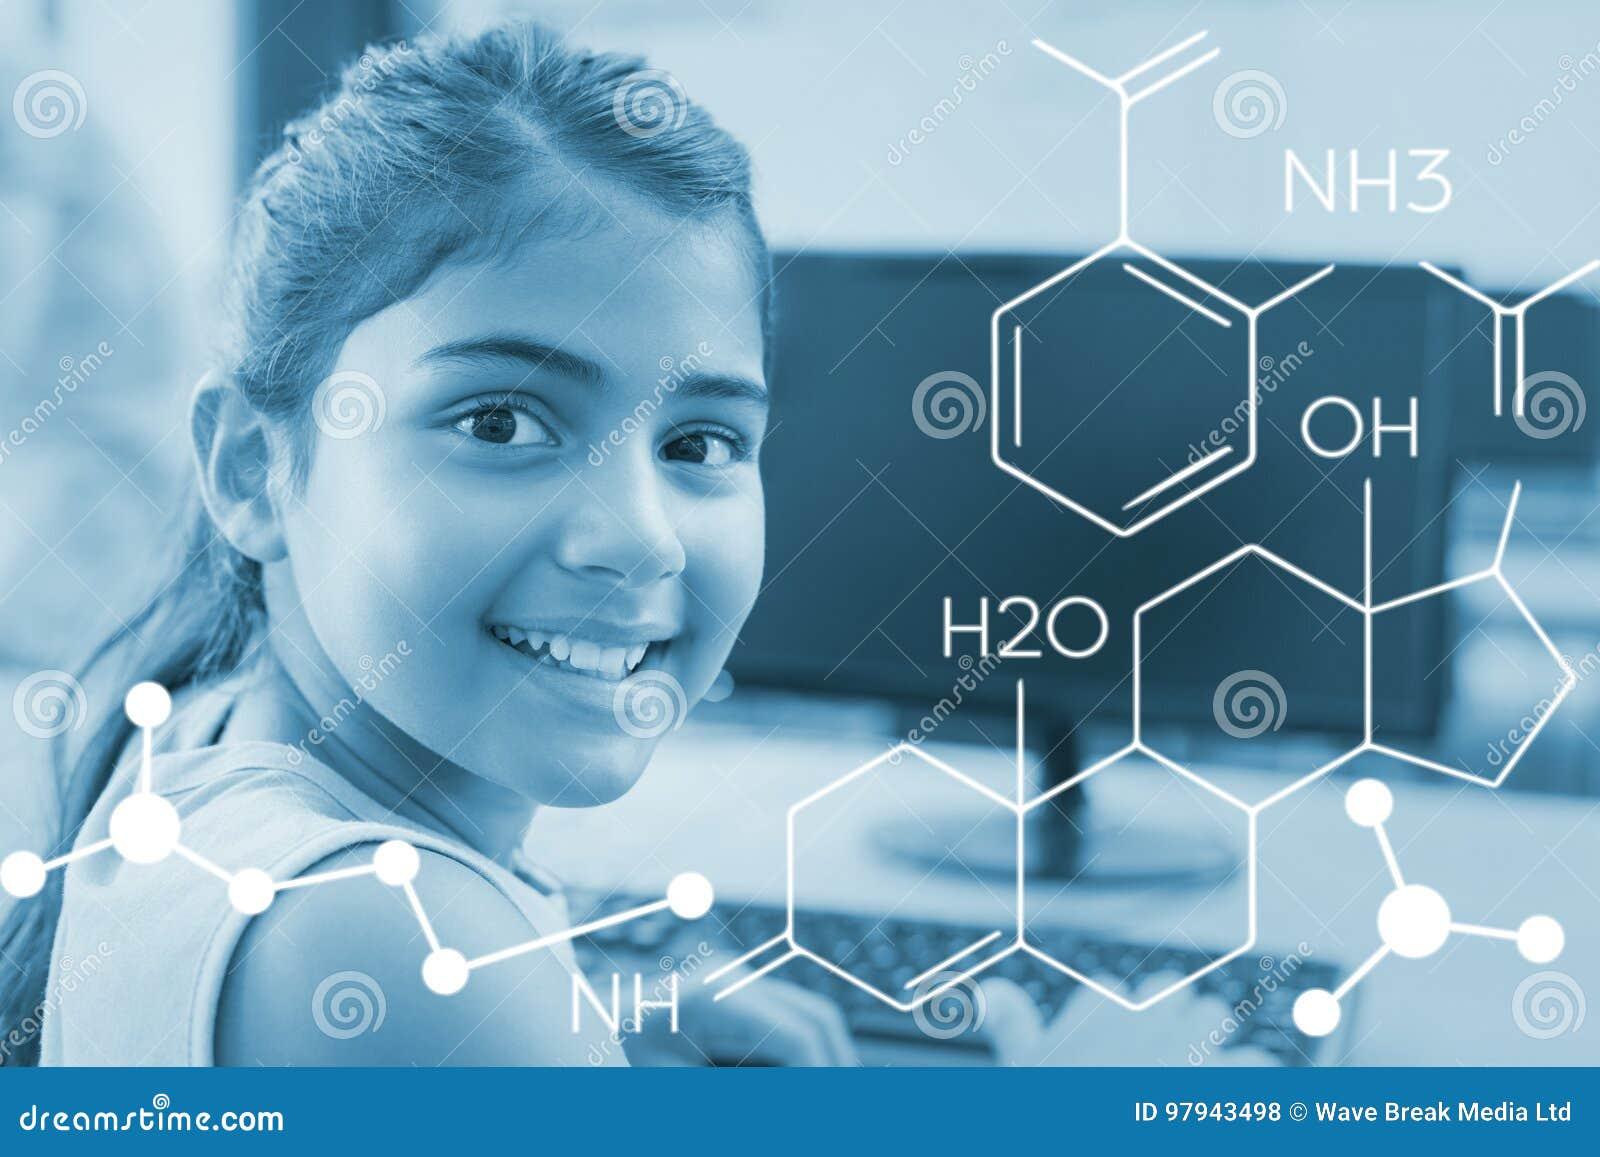 Σύνθετη εικόνα της σύνθετης εικόνας της χημικής δομής